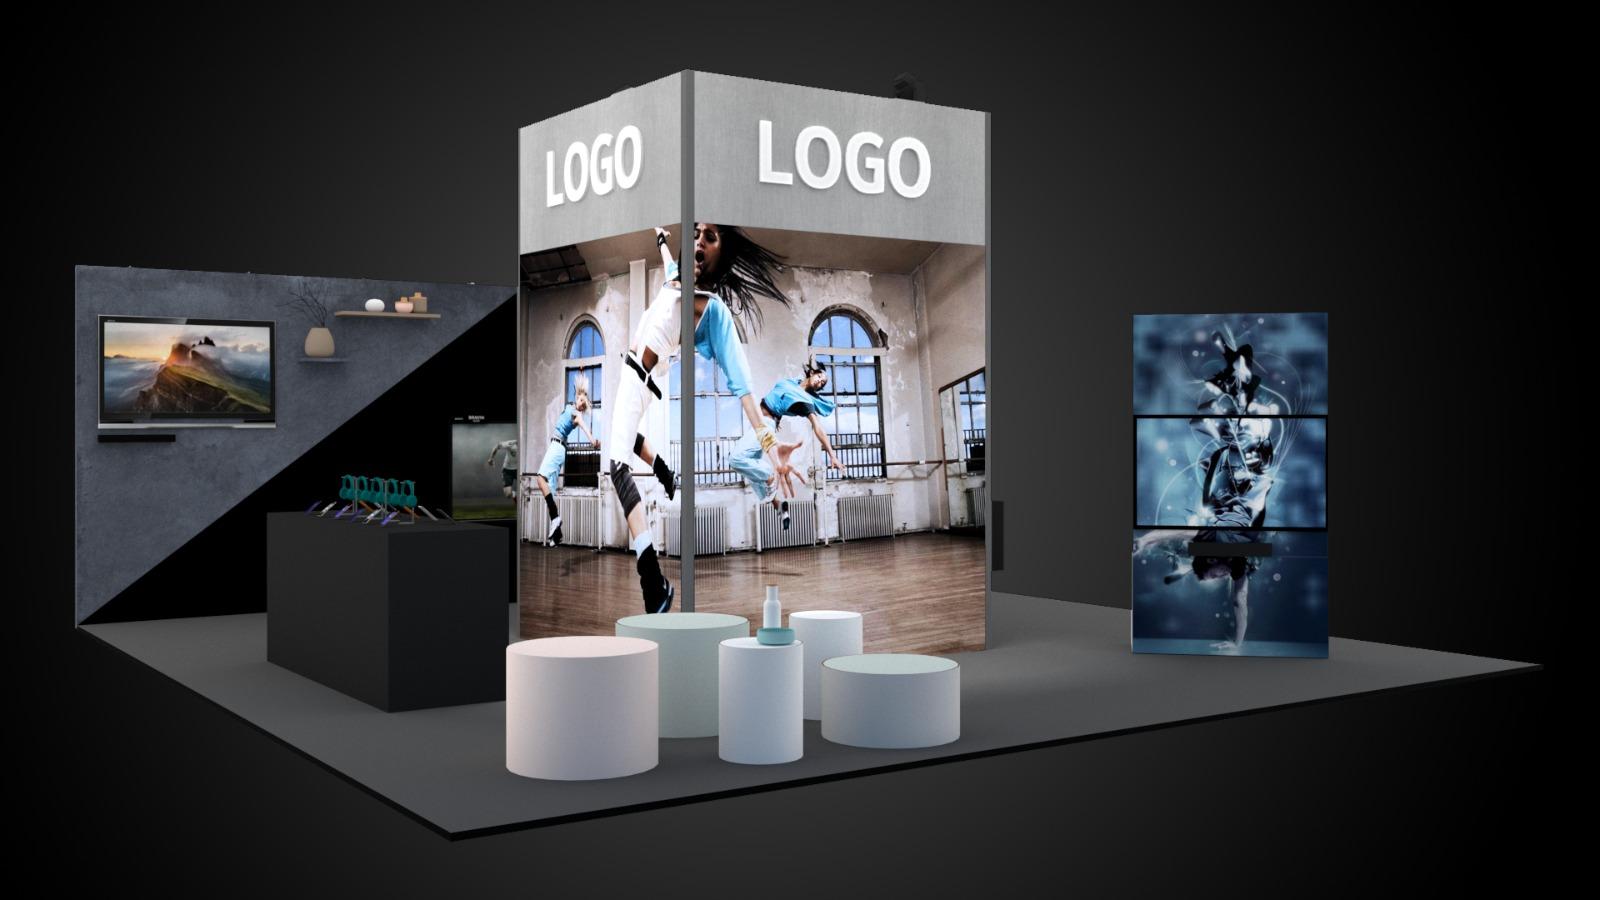 Expo concept design